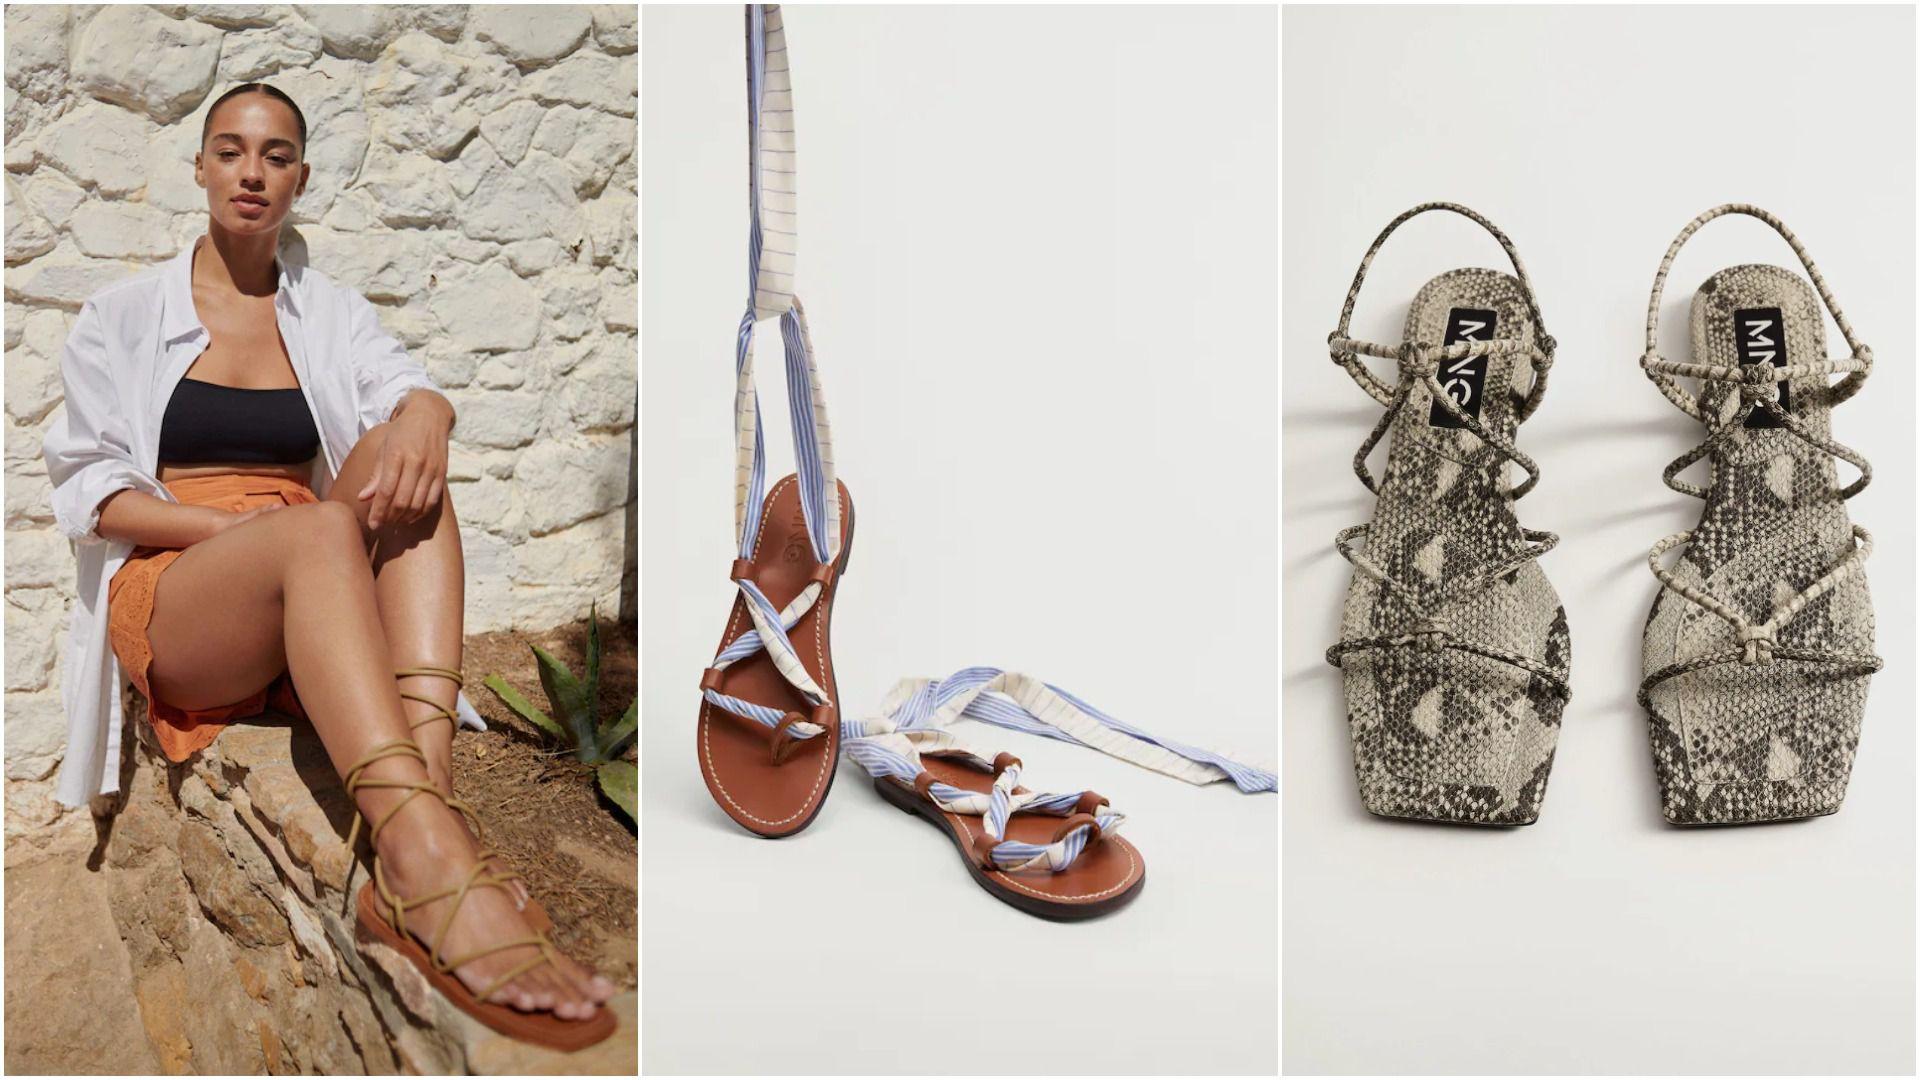 Udobne su i izgledaju chic: 28 modela ravnih sandala sa sniženja za najlakši korak ovog ljeta